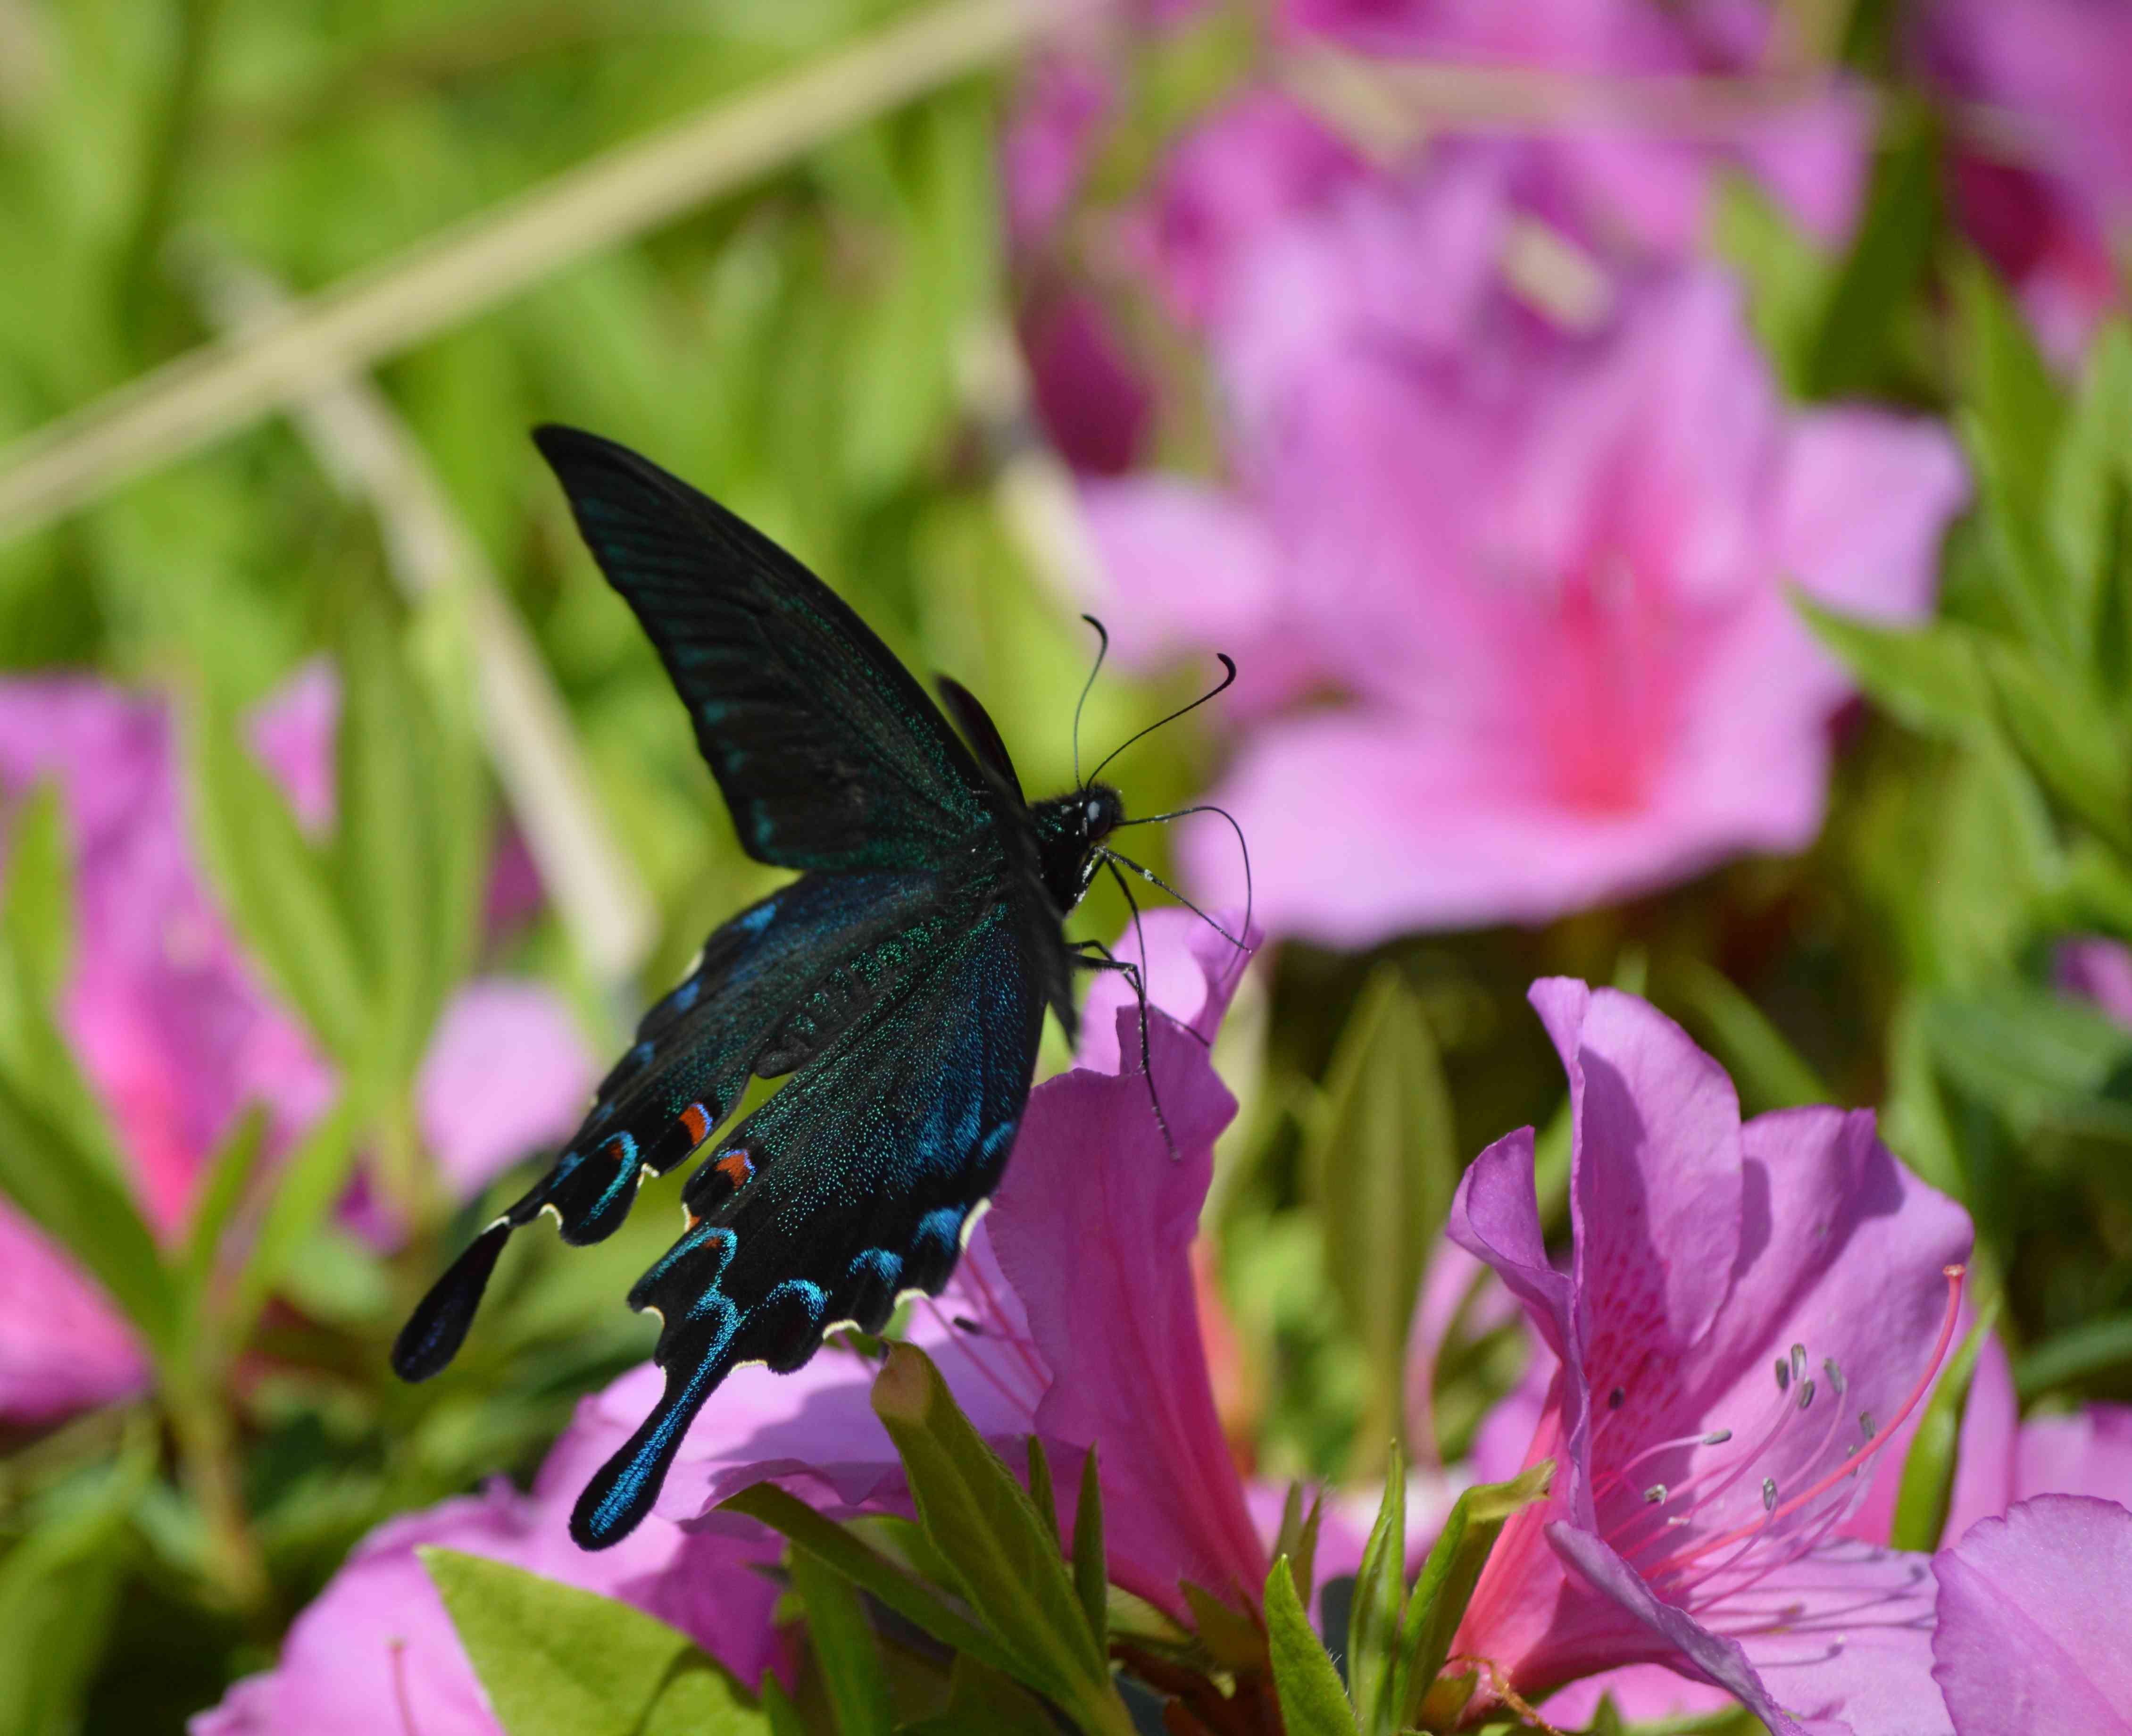 カラスアゲハ 5月2日ツツジの咲く公園にて_d0254540_1545788.jpg